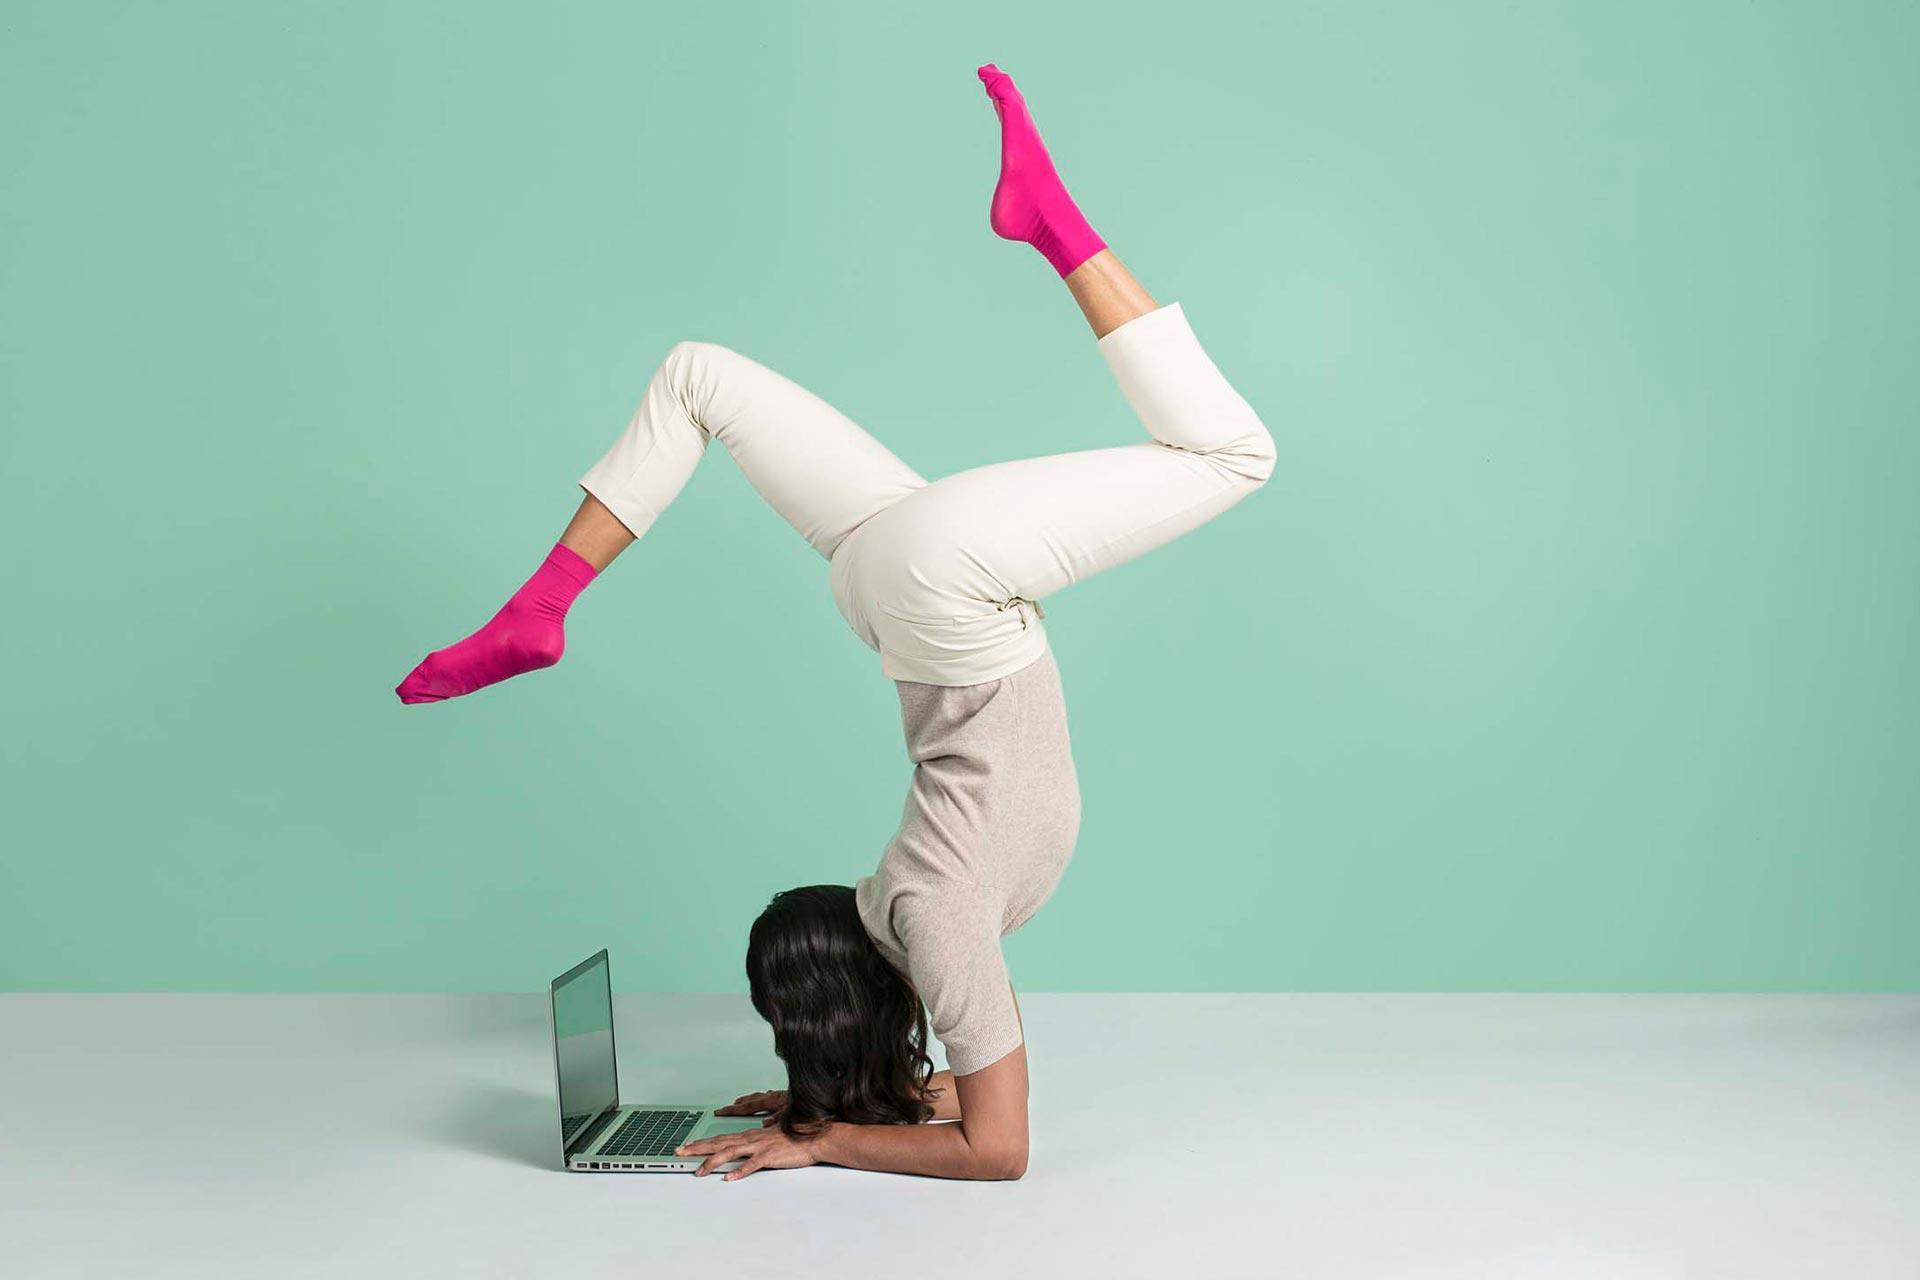 Duel Eteck photoshoot yoga